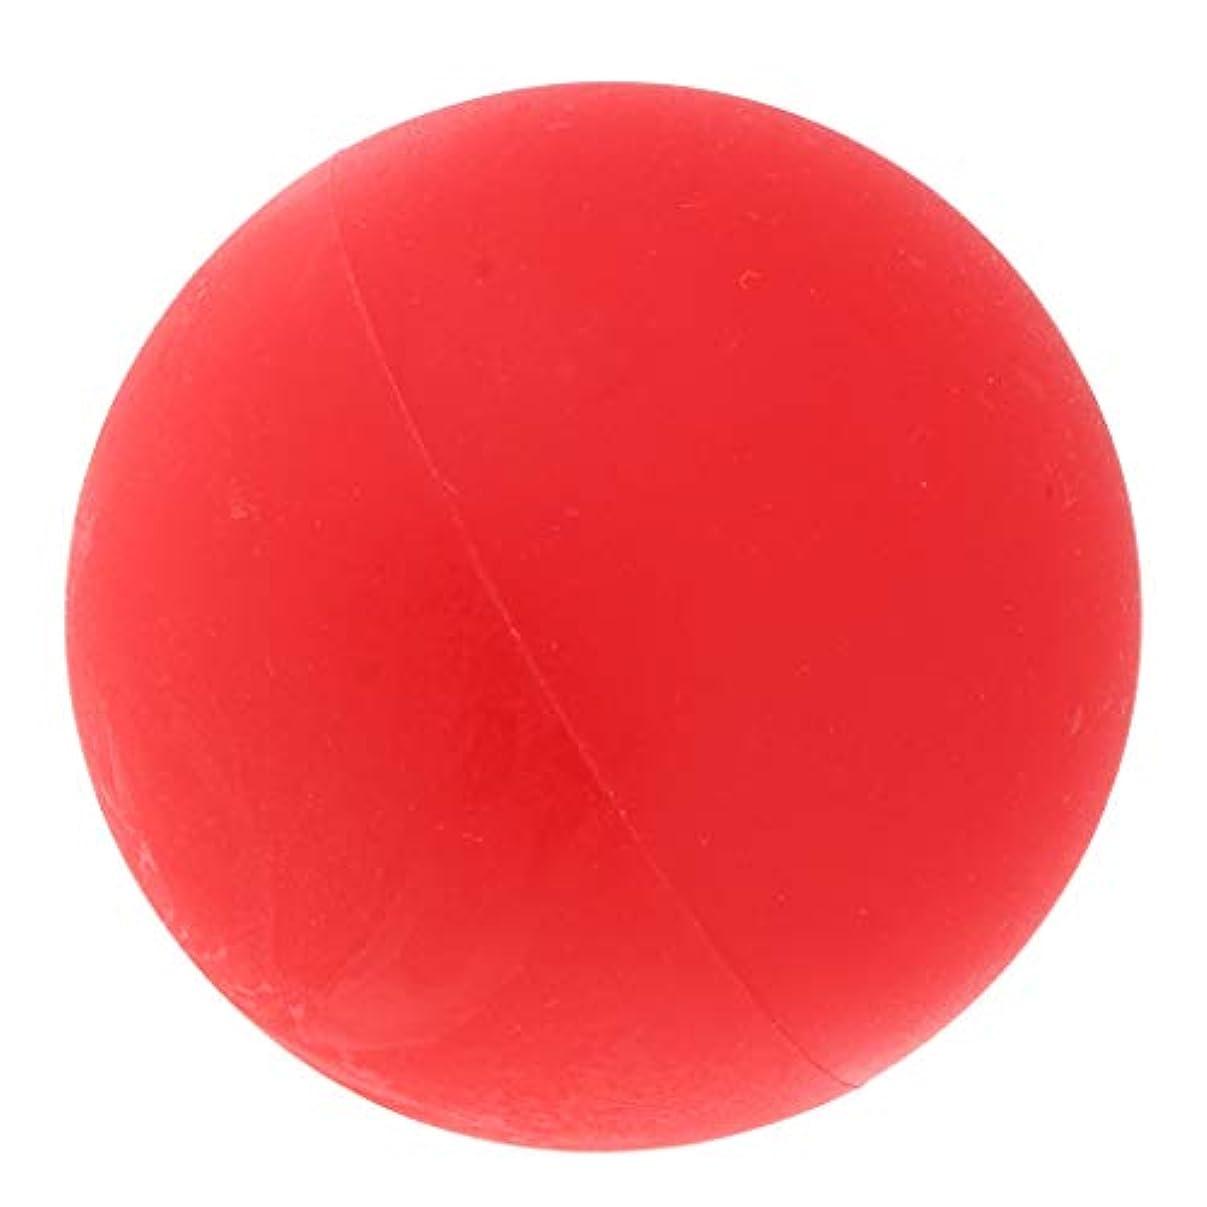 一見郊外そのようなマッサージボール ヨガボール トリガーポイント 筋膜リリース 緊張緩和 健康グッズ 全4色 - 赤